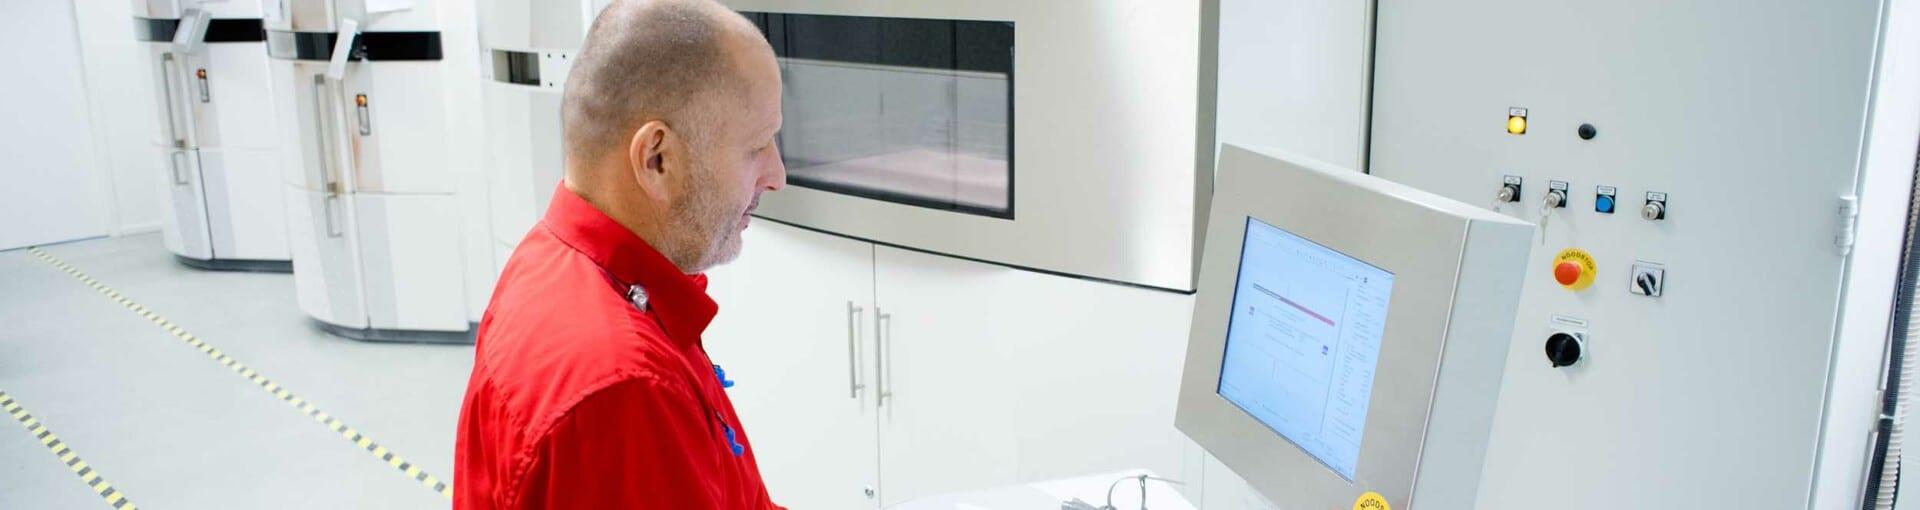 Kwaliteit en professionaliteit - Oceanz 3D Printing